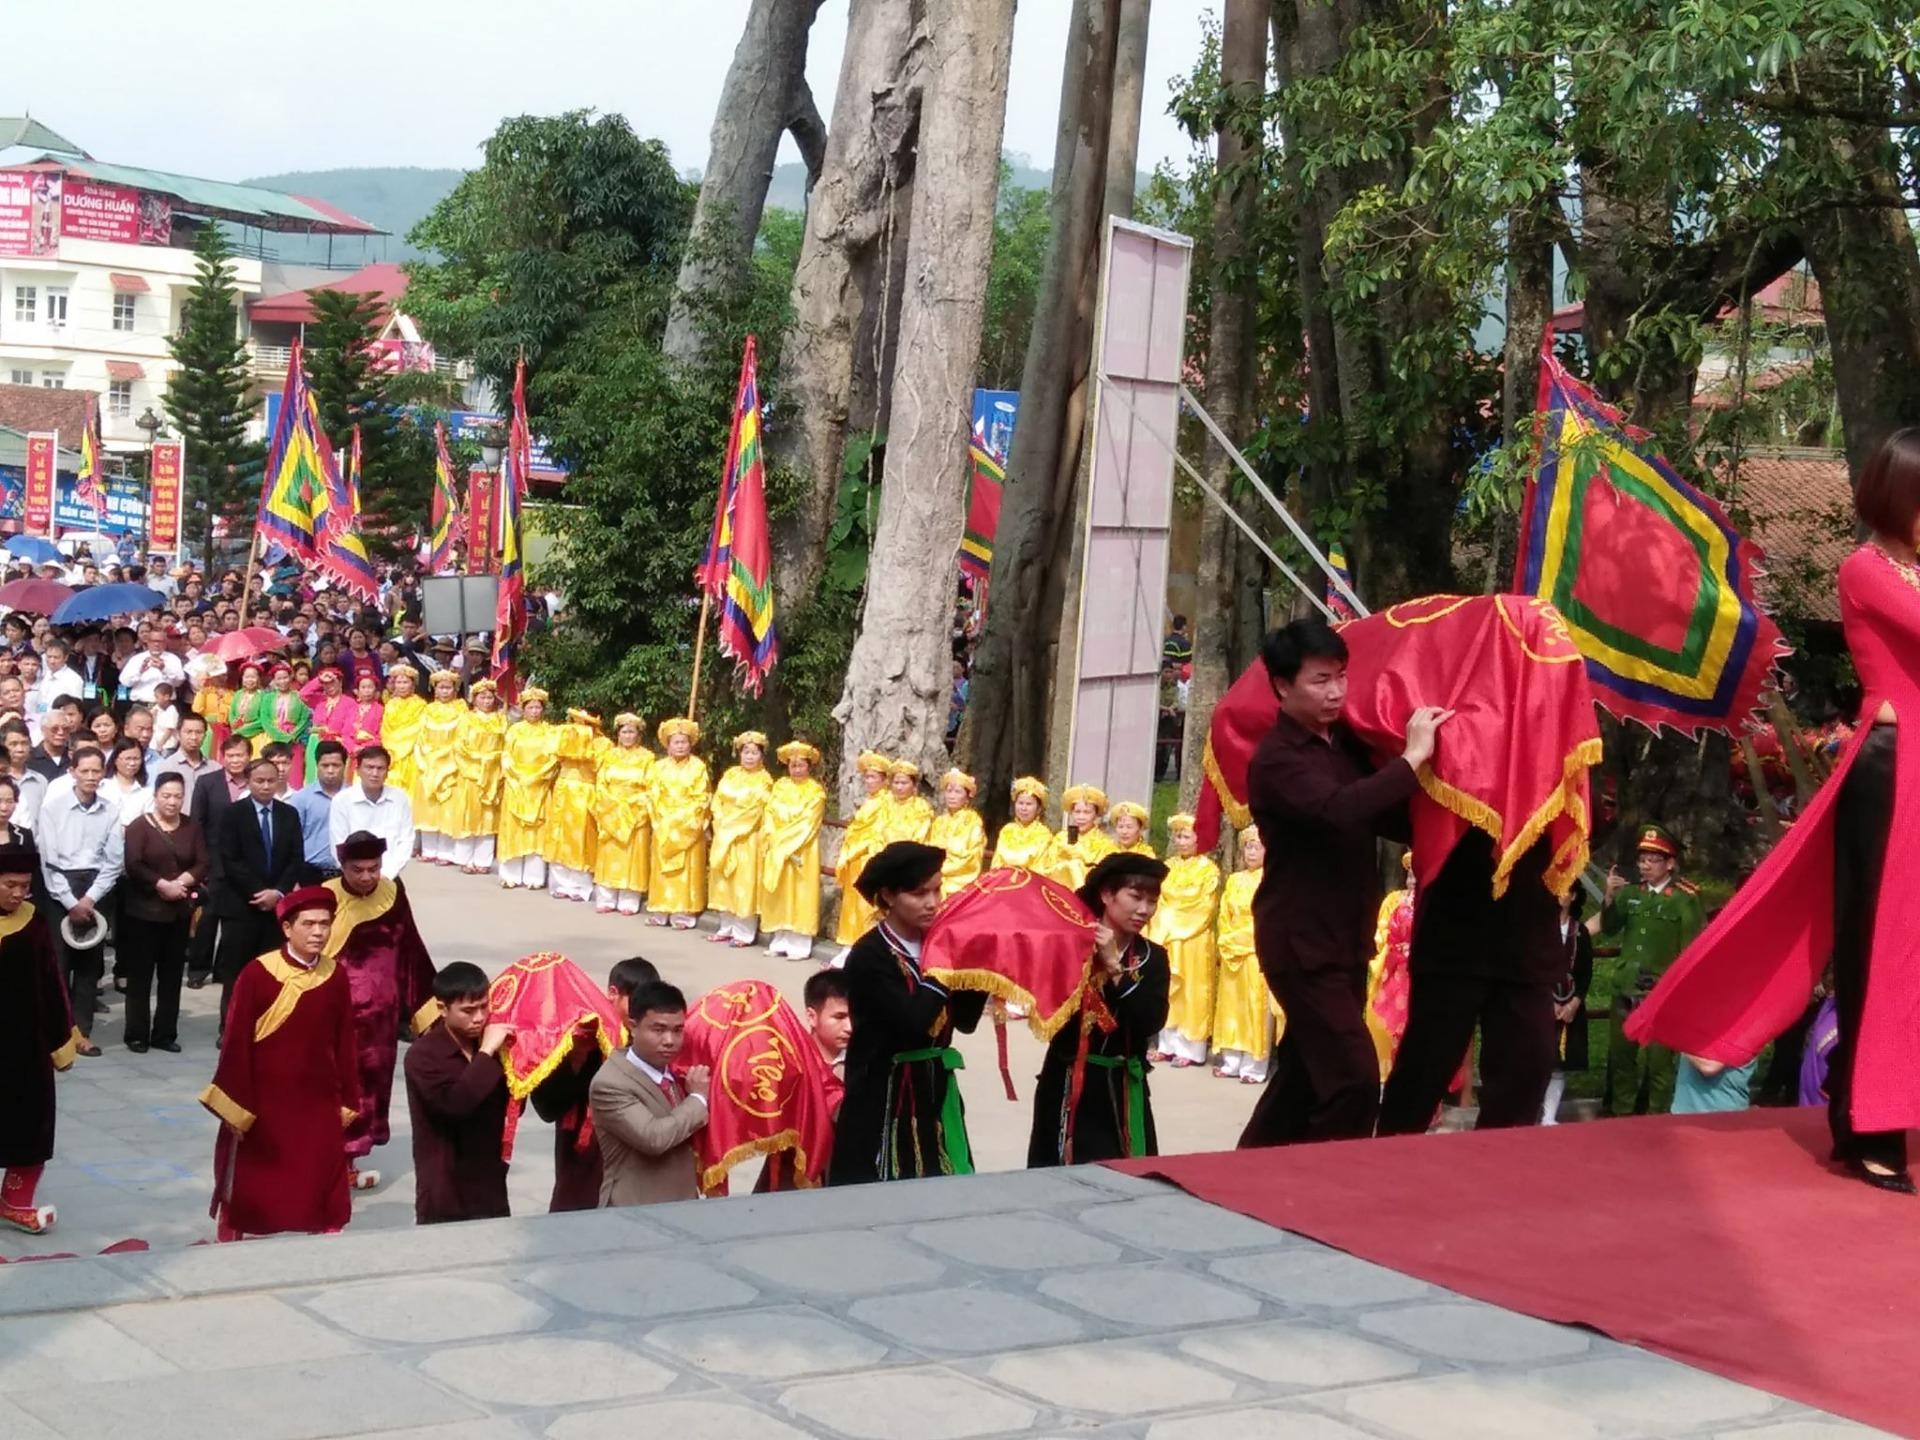 Lễ hội Tây Thiên Xuân Mậu Tuất 2018 chính thức khai mạc